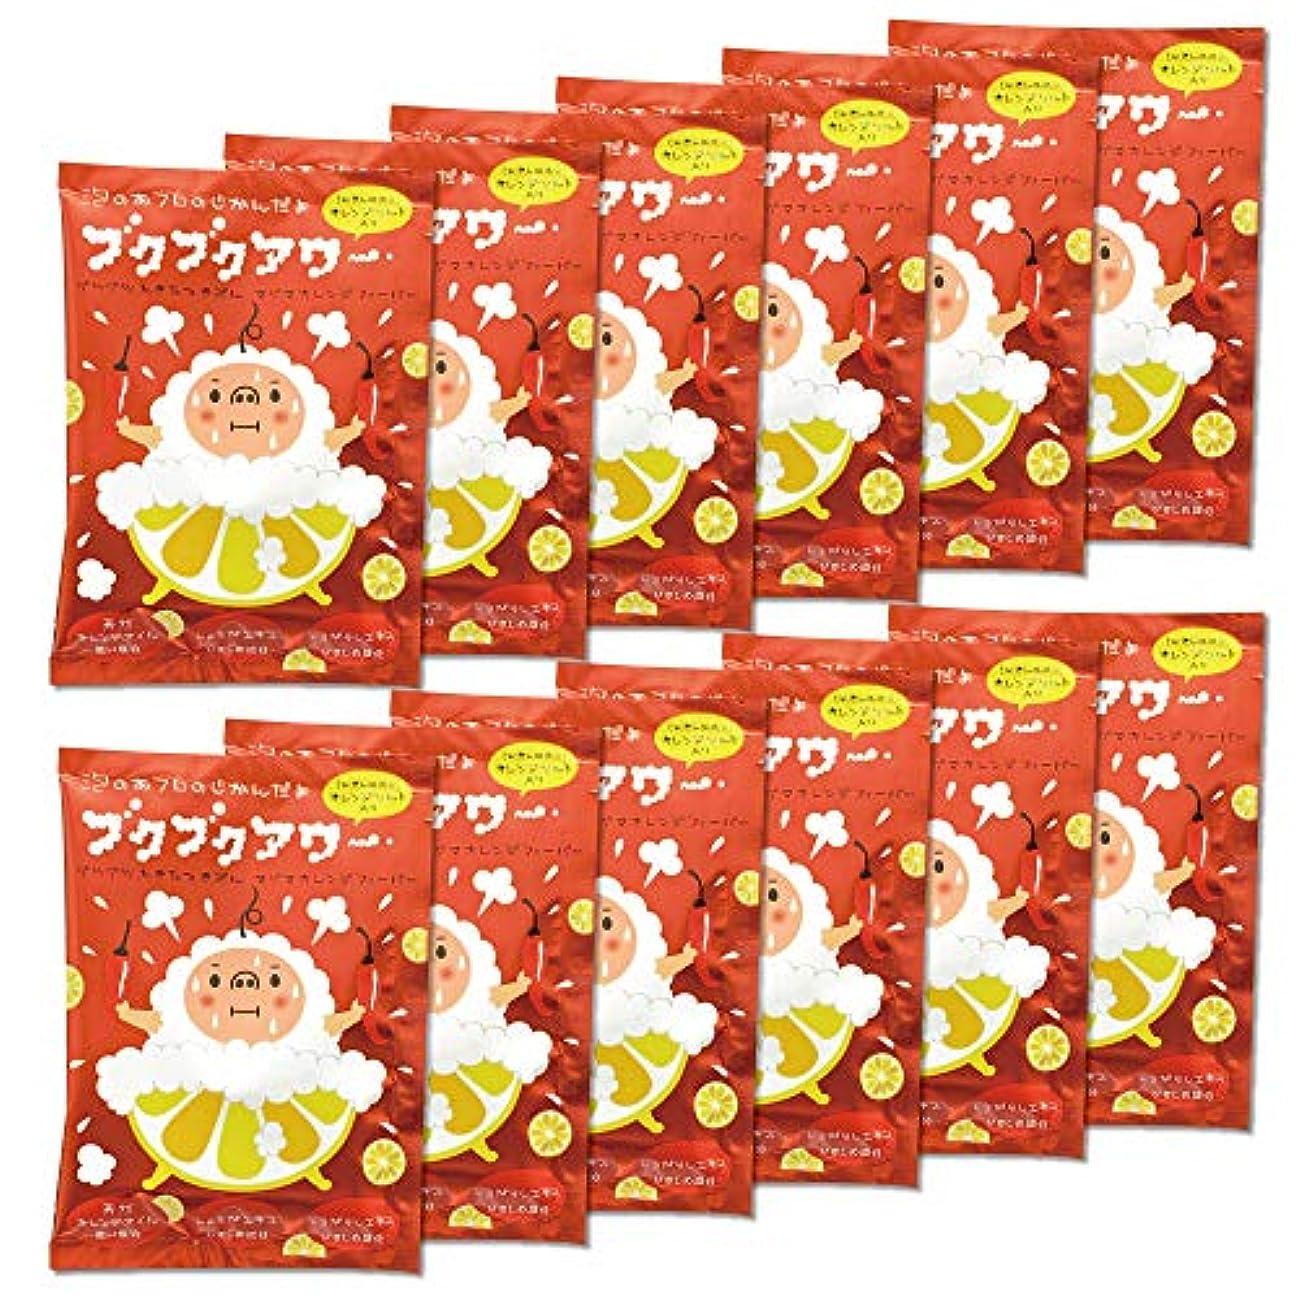 アシスタント部ダイヤモンドブクブクアワー マグマ オレンジ フィーバー 入浴剤 40g 1回分×12包入 大容量 まとめ買い